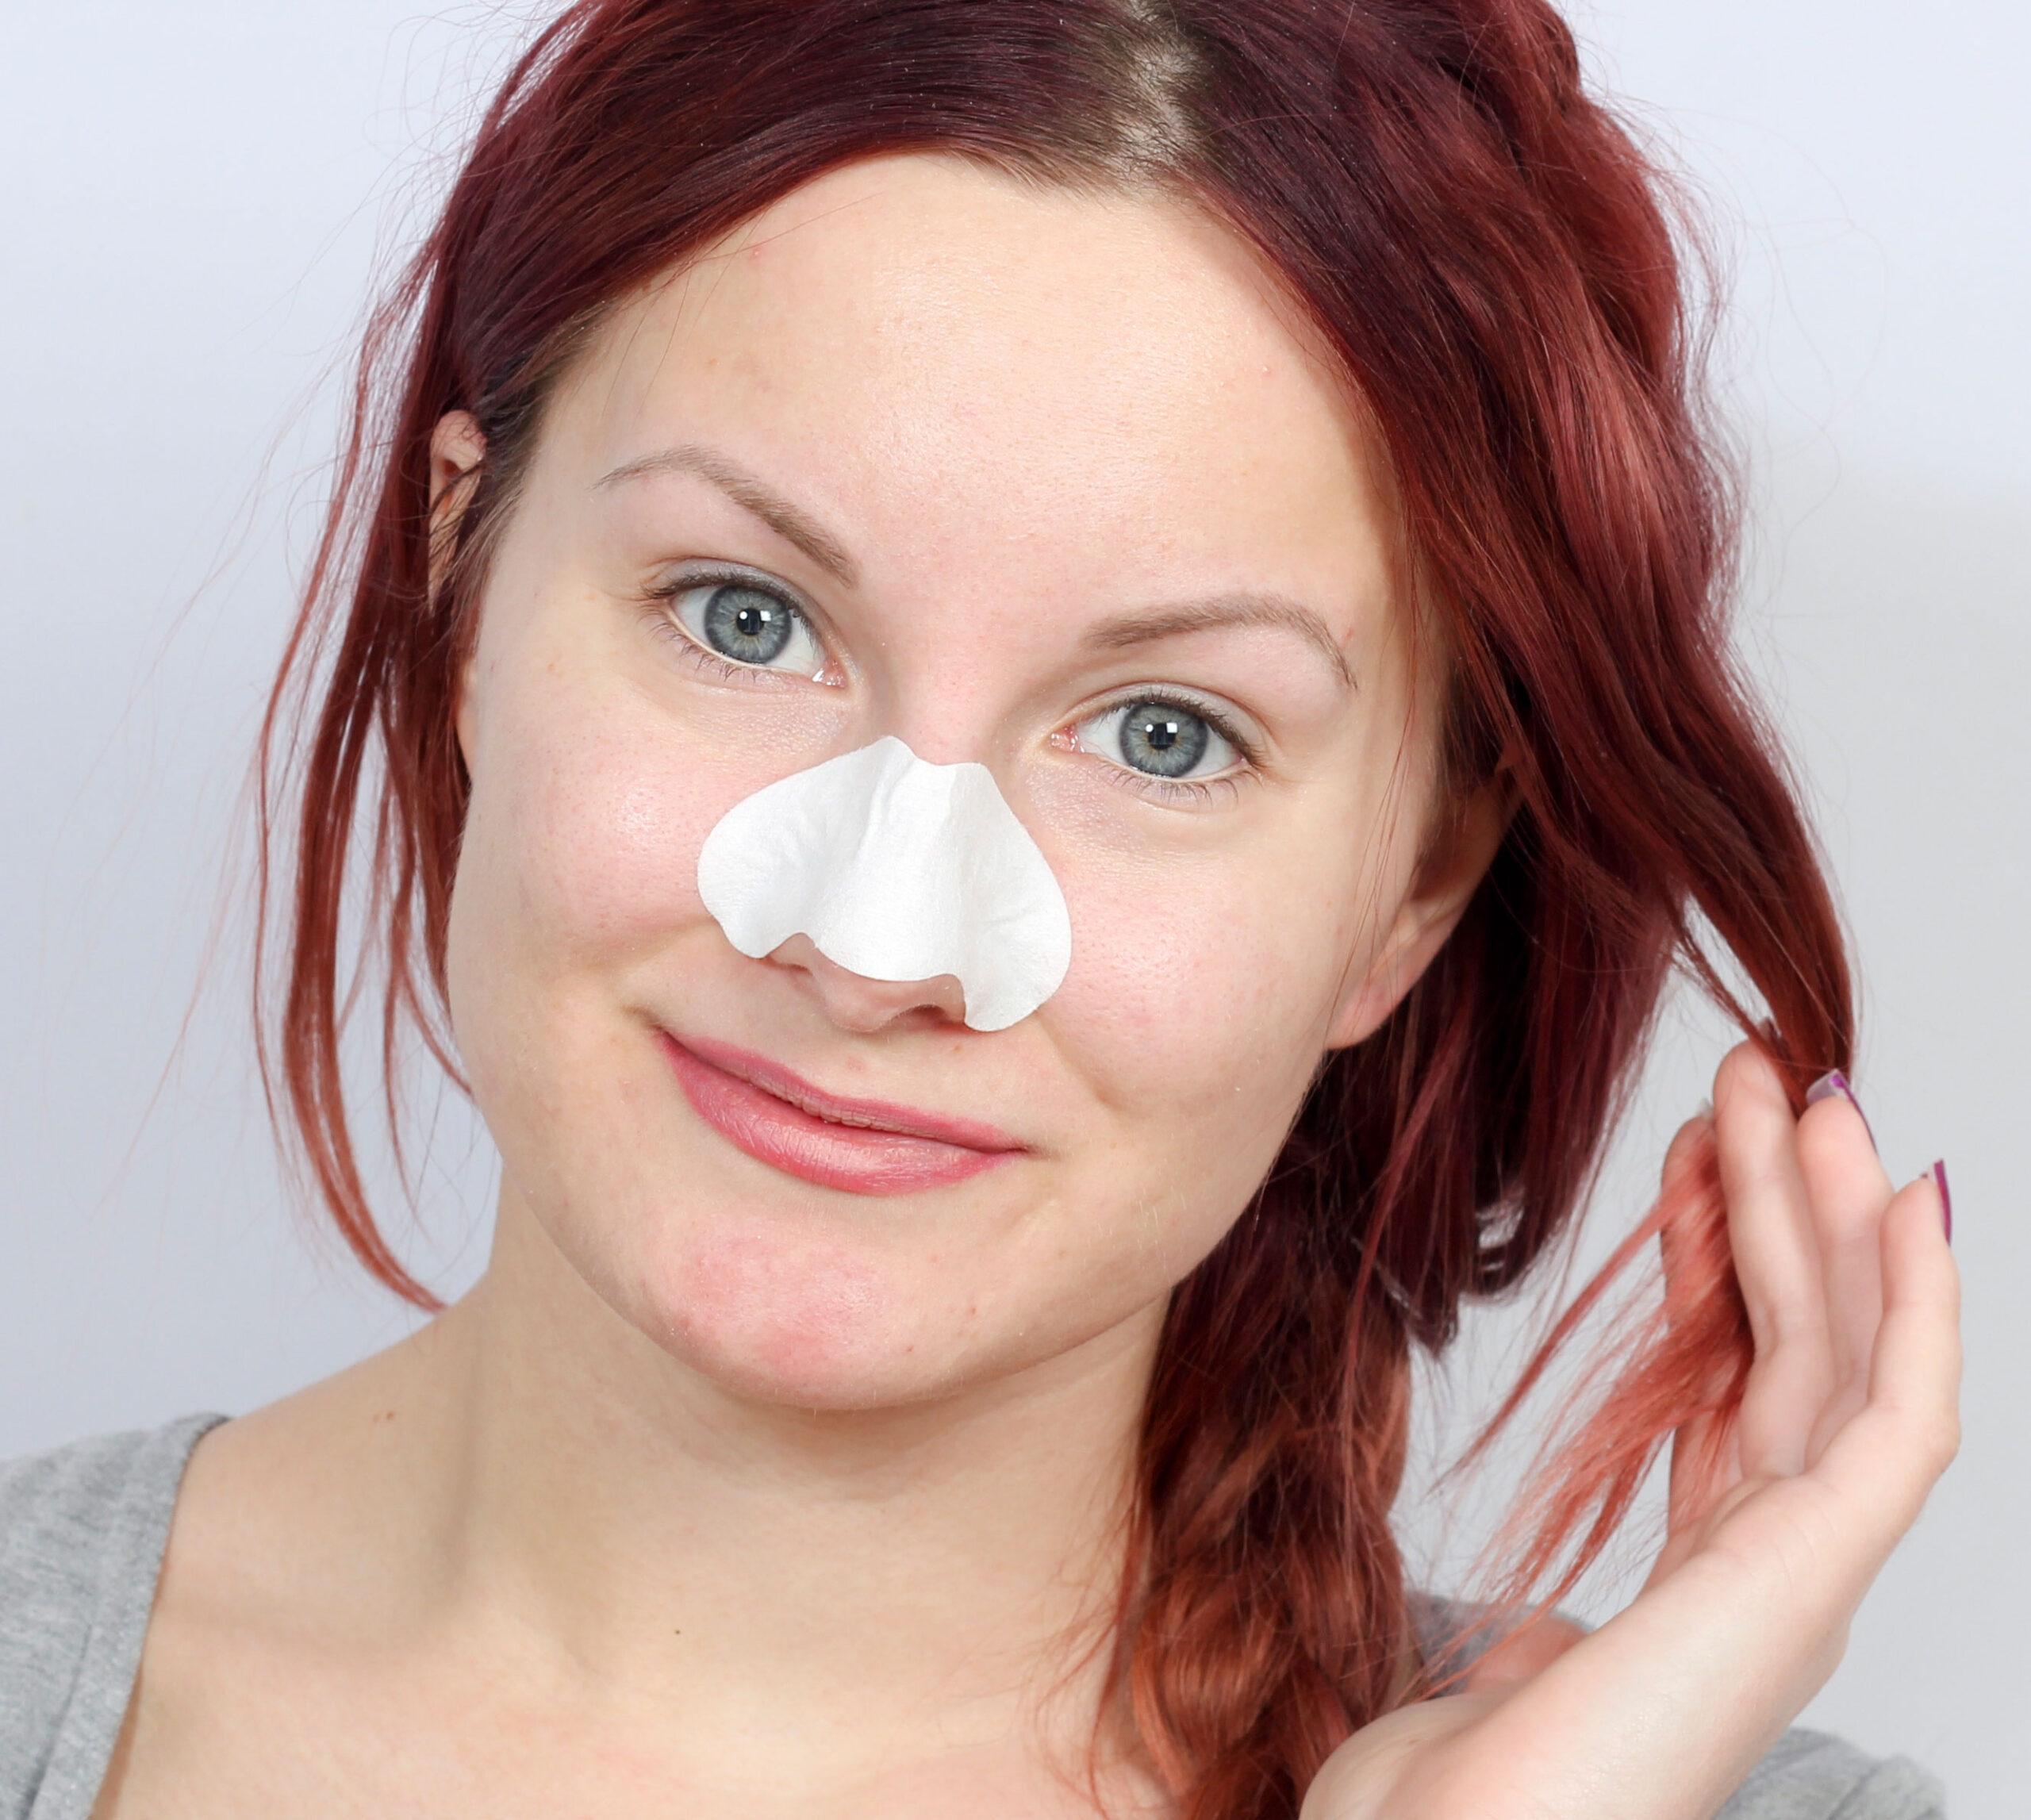 få bort porer i ansiktet